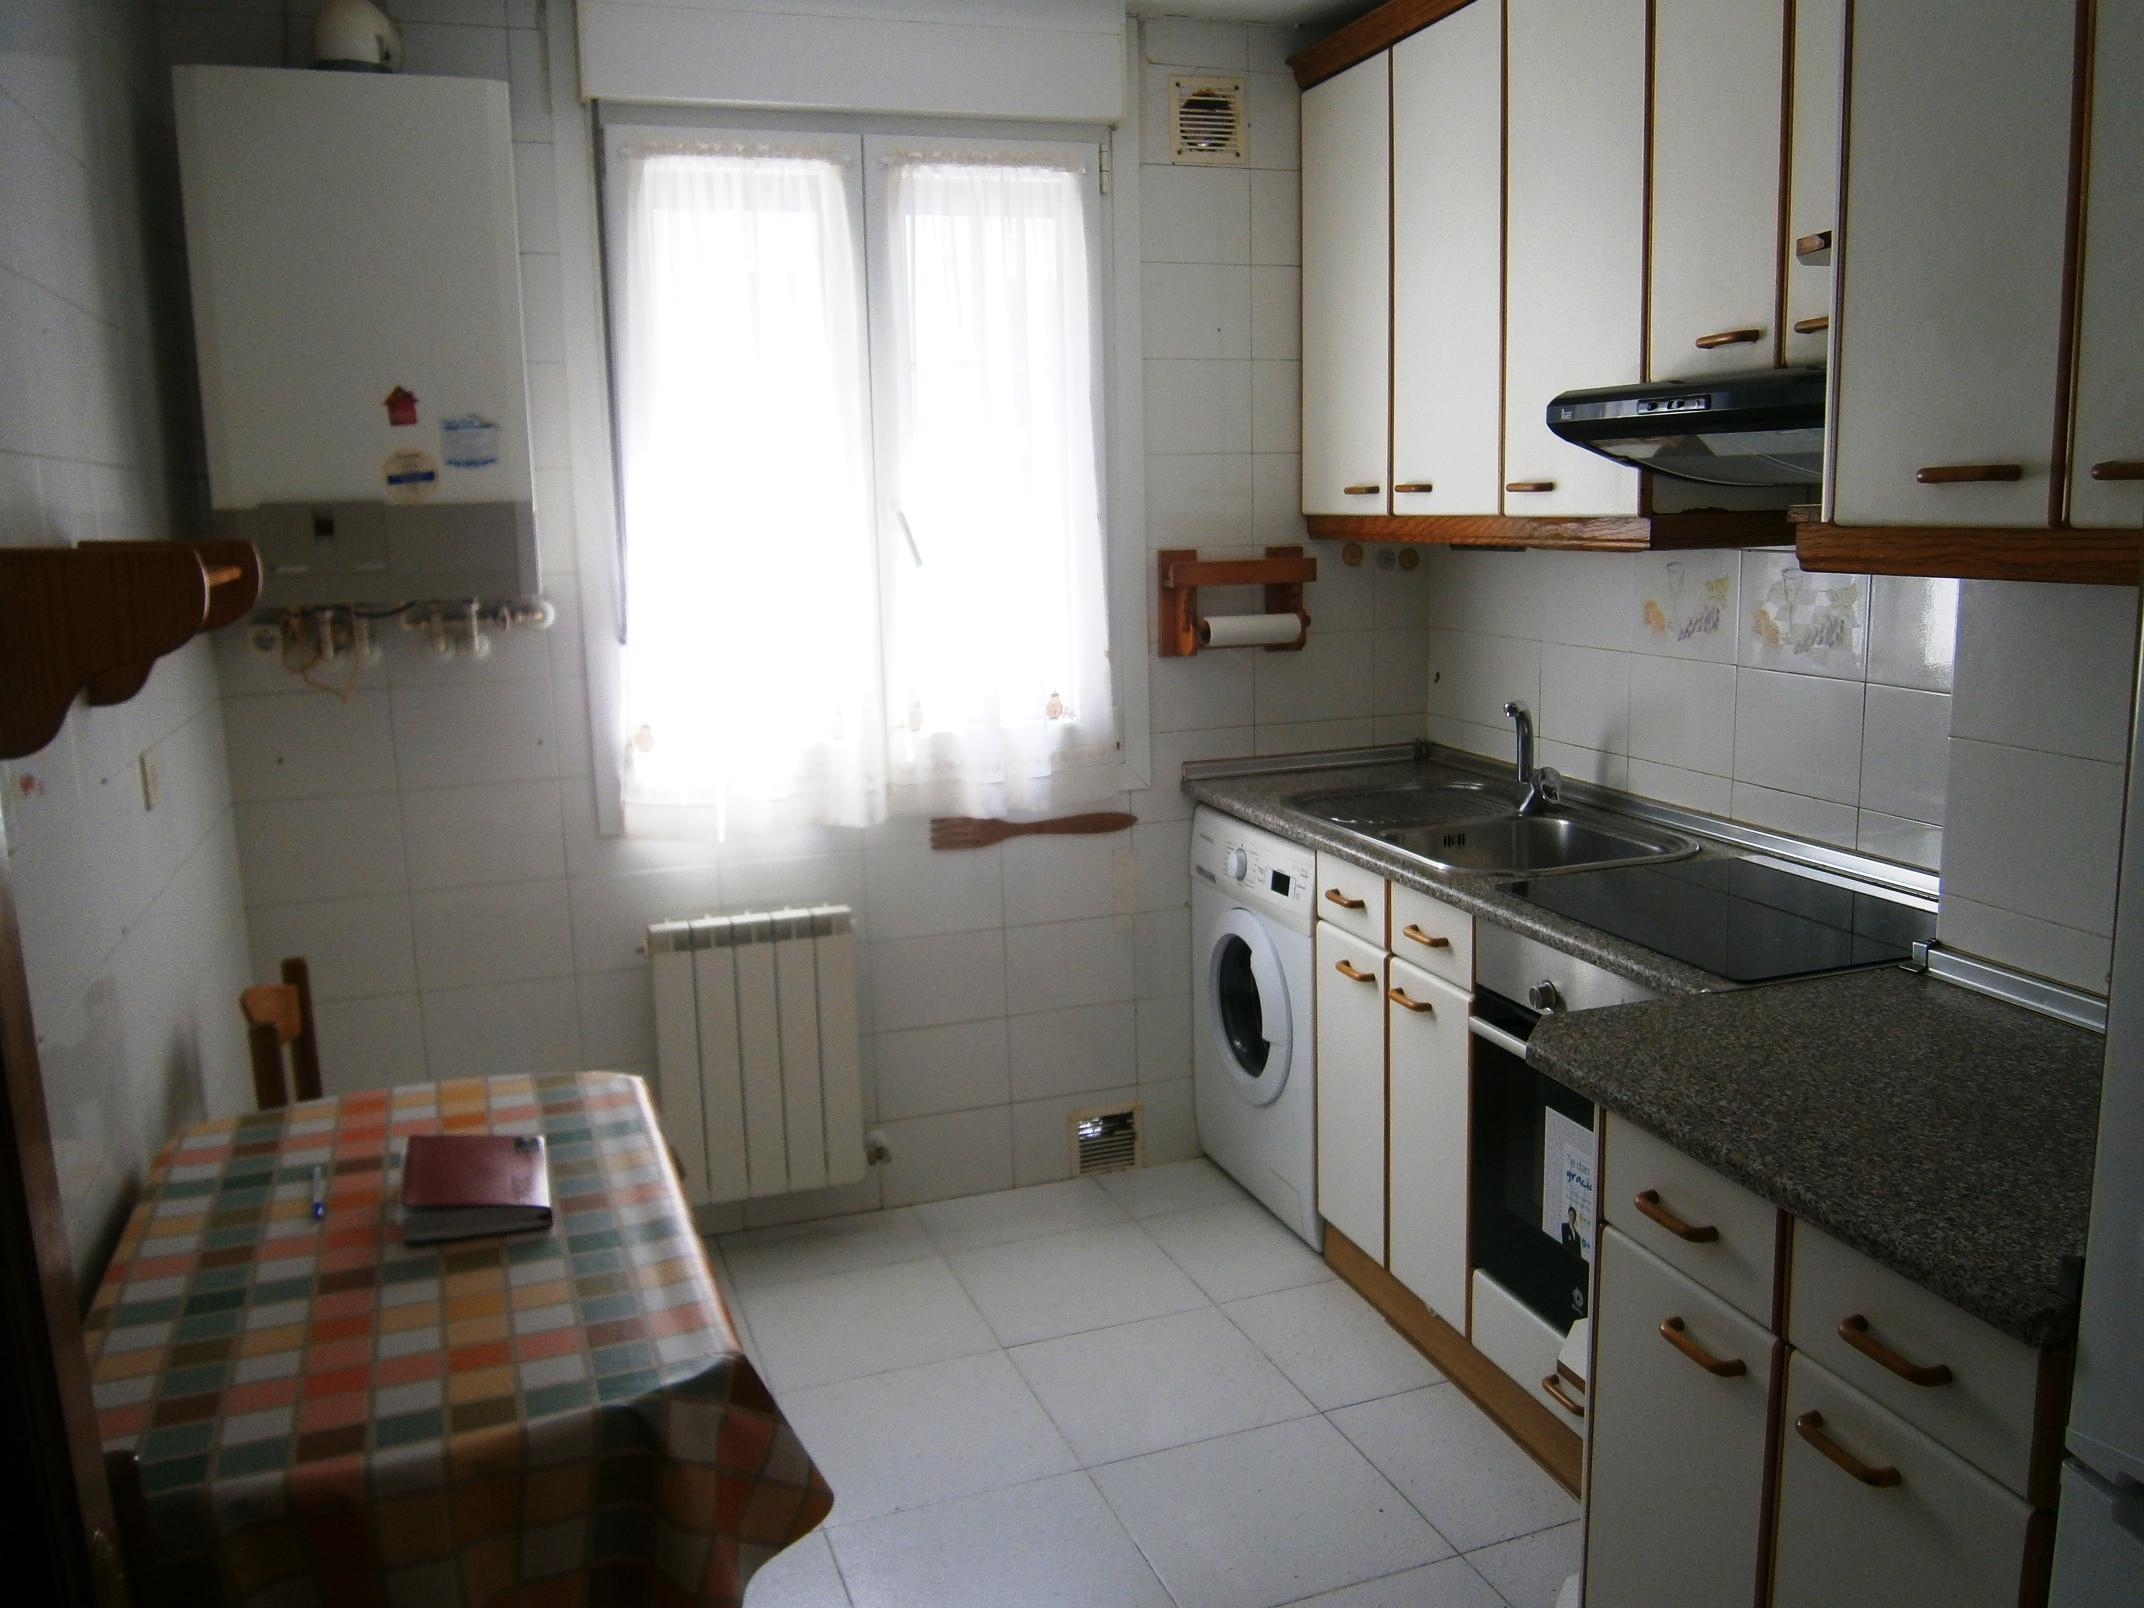 Frente al Mendibil,piso de dos habitaciones, sala,cocina y baño.Segunda planta sin ascensor.Balcon.